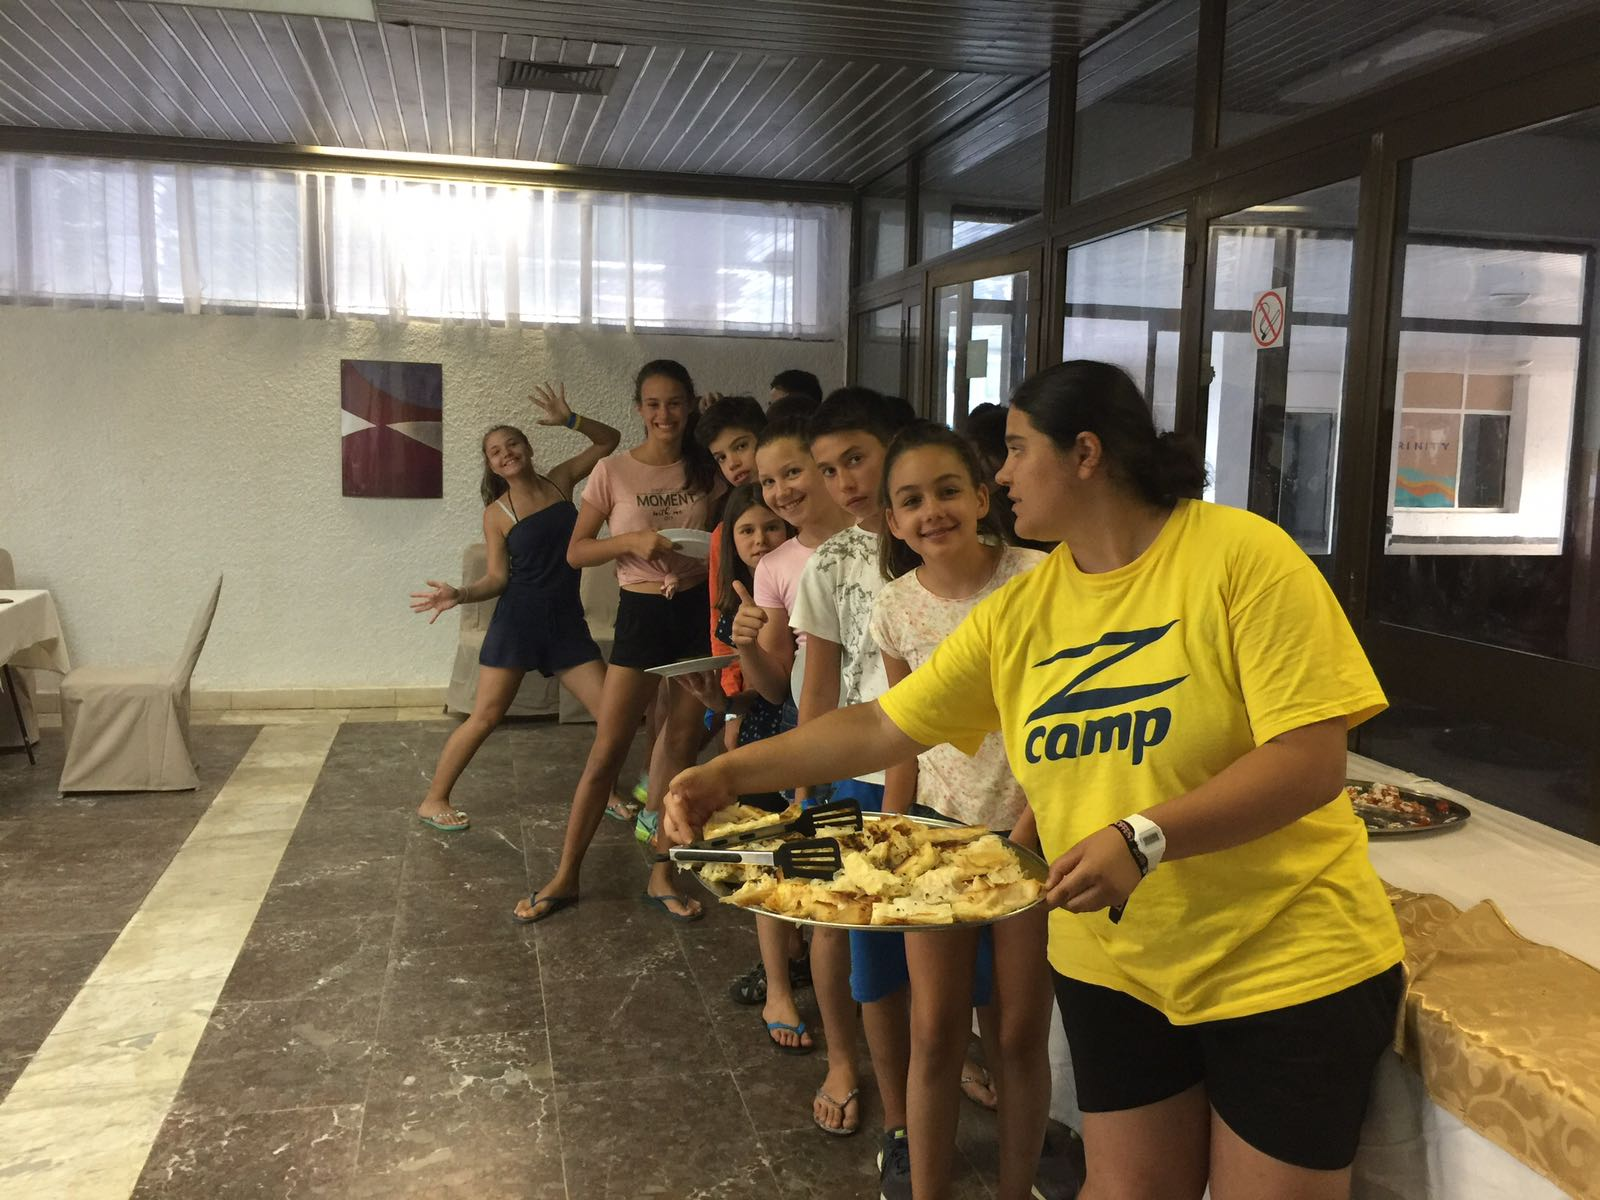 детски езикови лагери в България на море Z кемп, Ден 28 - готварство - снимка на групата с тава с мекички